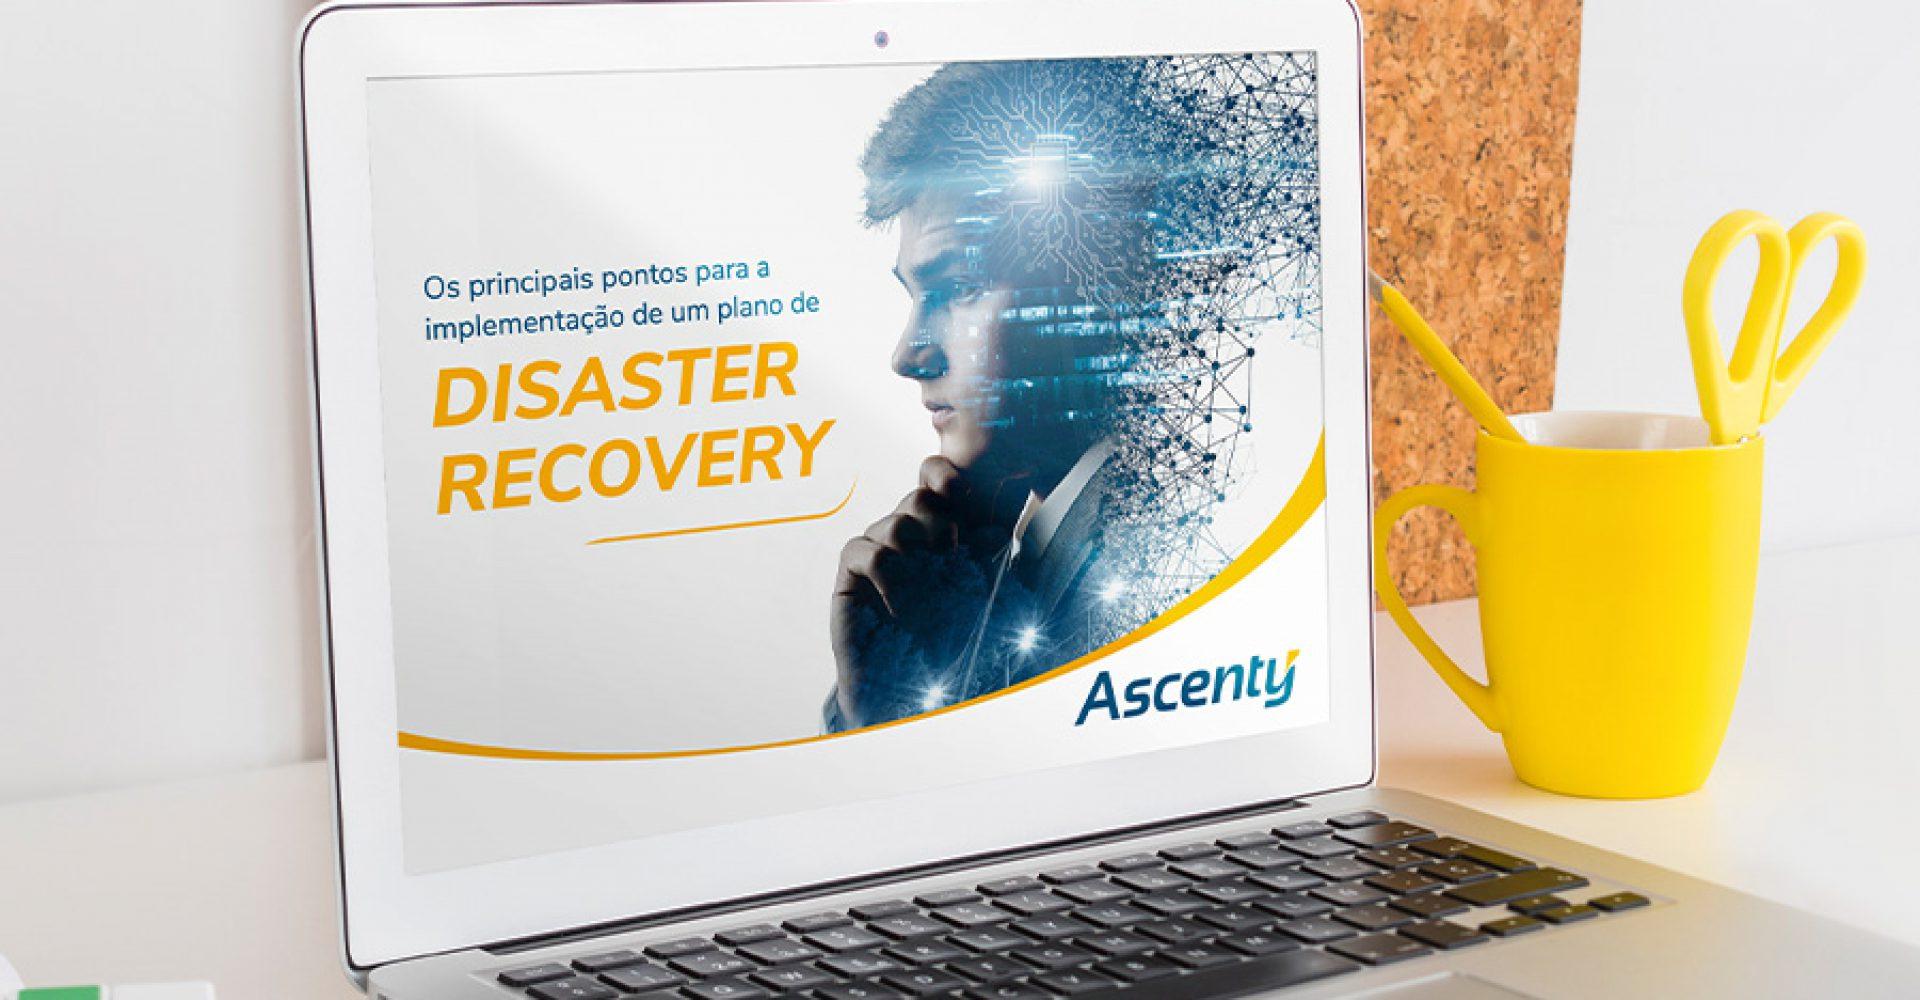 E-Book: Os principais pontos para a implantação de um plano de Disaster Recovery